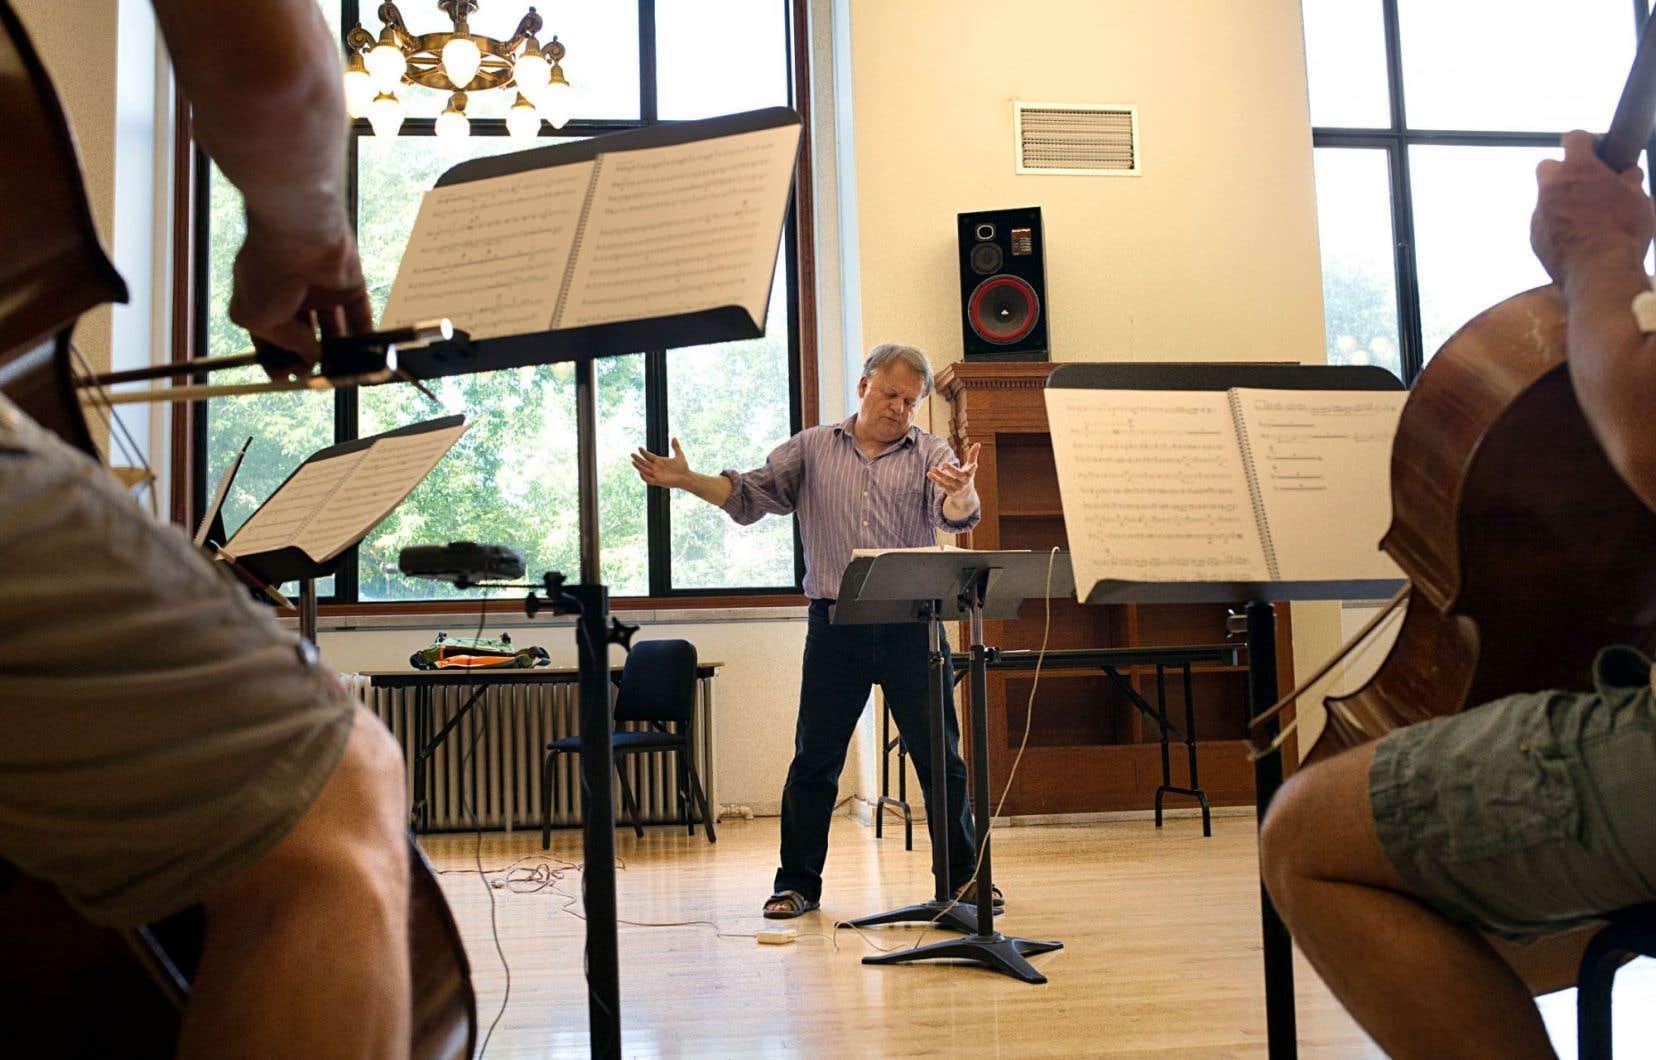 Dans le cadre de Fantasia, le chef d'orchestre Gabriel Thibaudeau sera entouré ce jeudi soir du Quatuor Molinari en version augmentée, neuf musiciens à ses côtés, ici en répétition, pour interpréter la musique du film «L'homme qui rit».